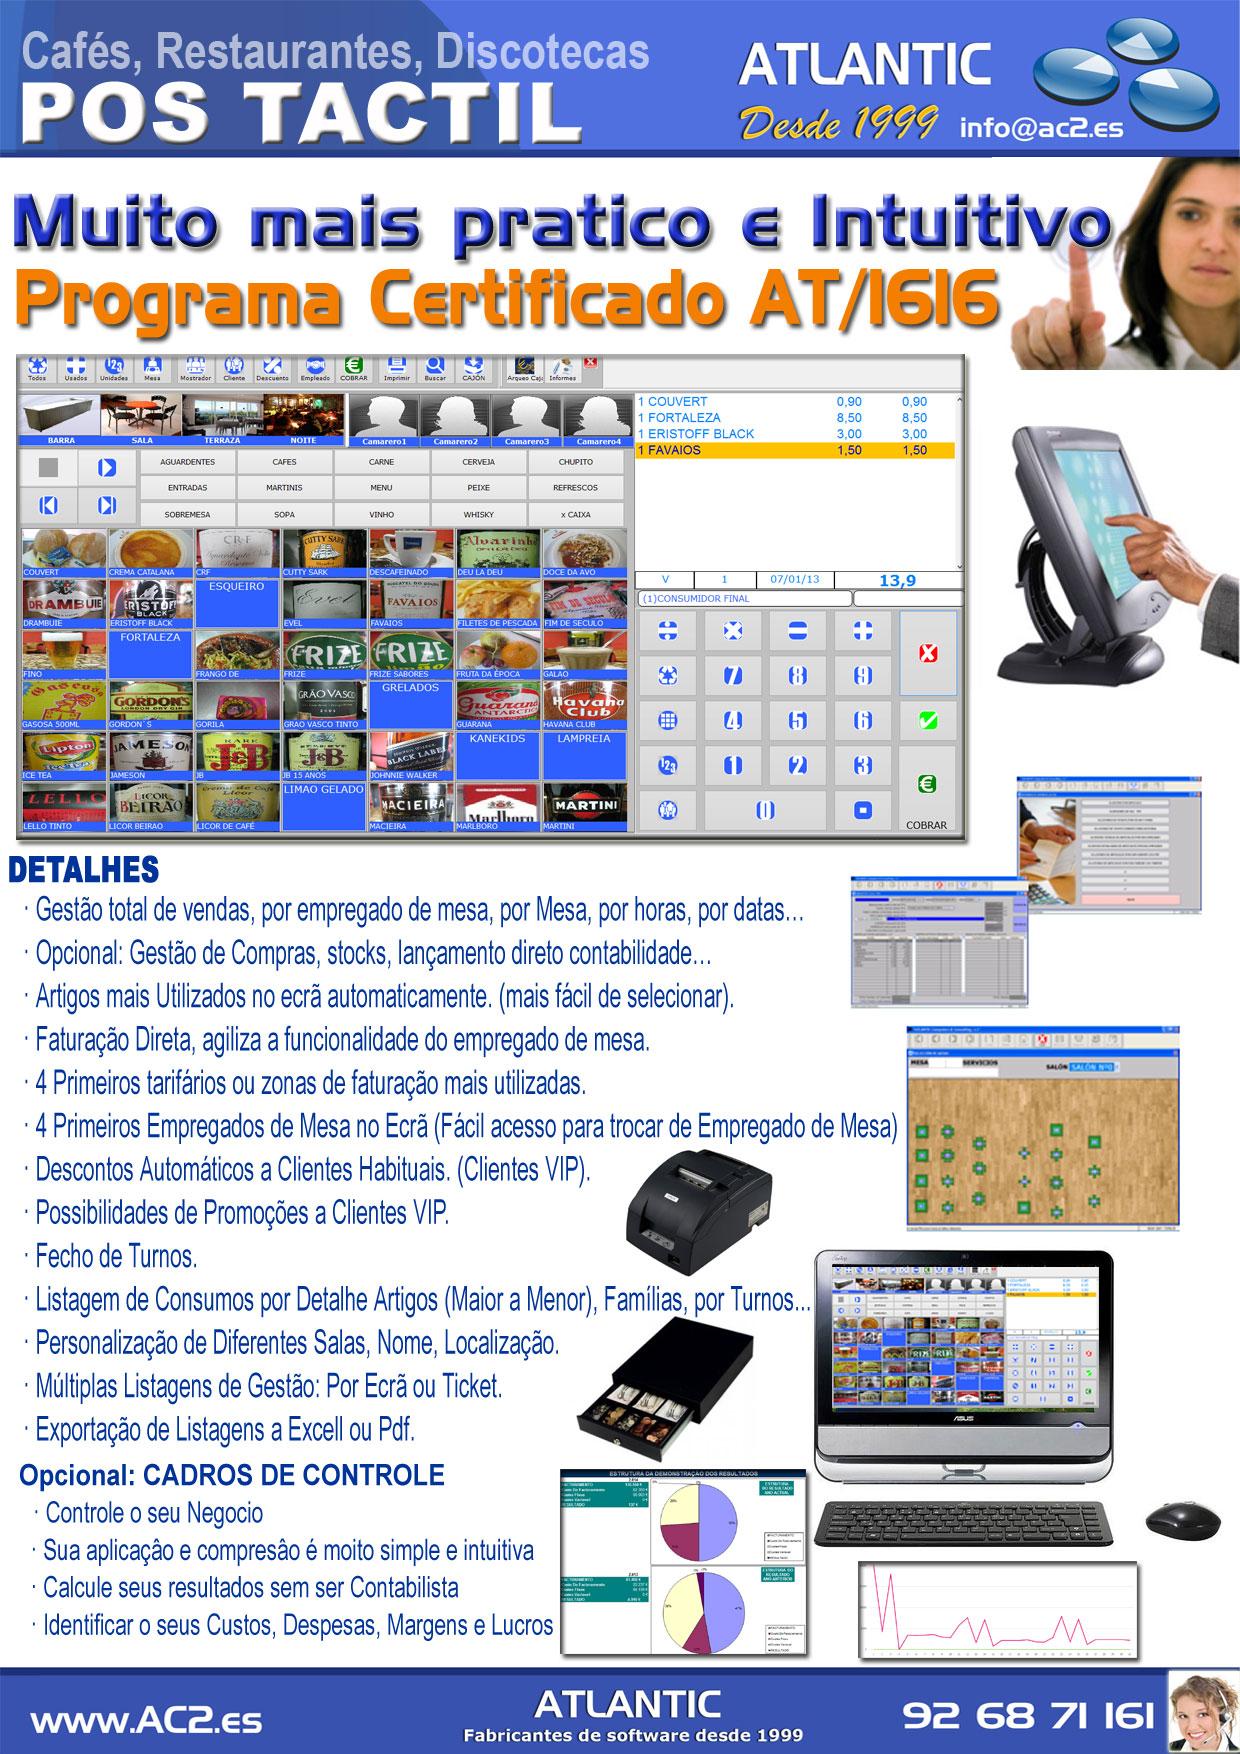 POS-TACTIL_ATLANTIC_AC2.ES